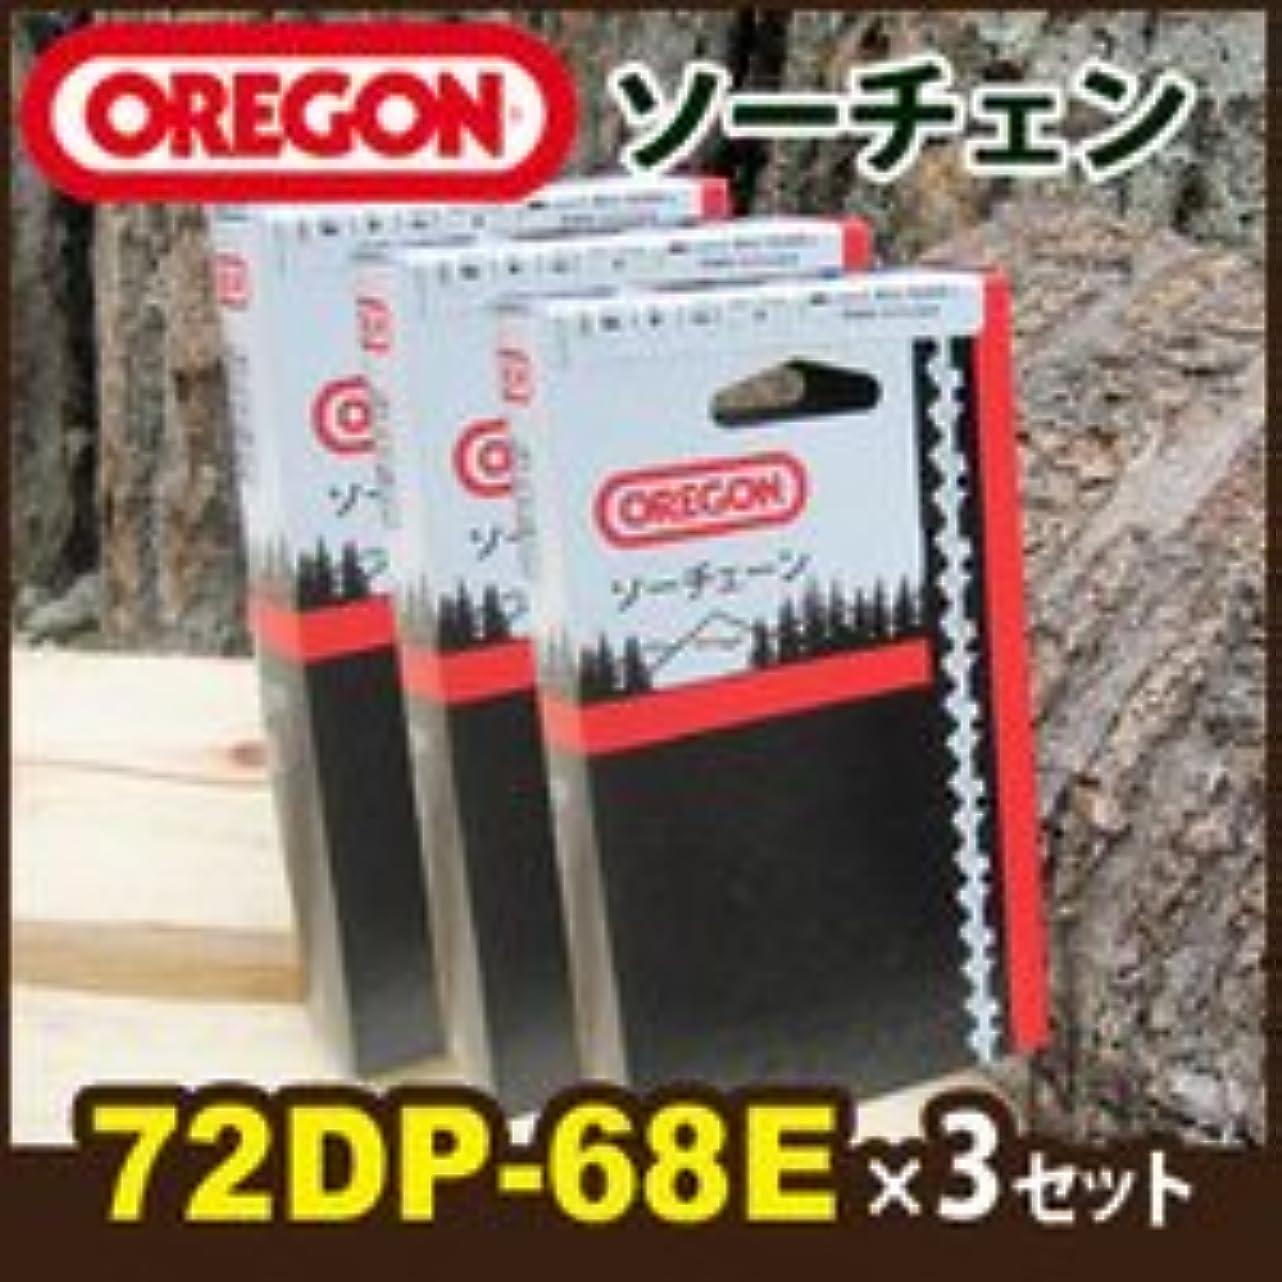 純正万歳再開チェンソー用 替刃(72DP-68E)×3個セット オレゴン(OREGON) 純正ソーチェン(チェーン刃)/チェーンソー用